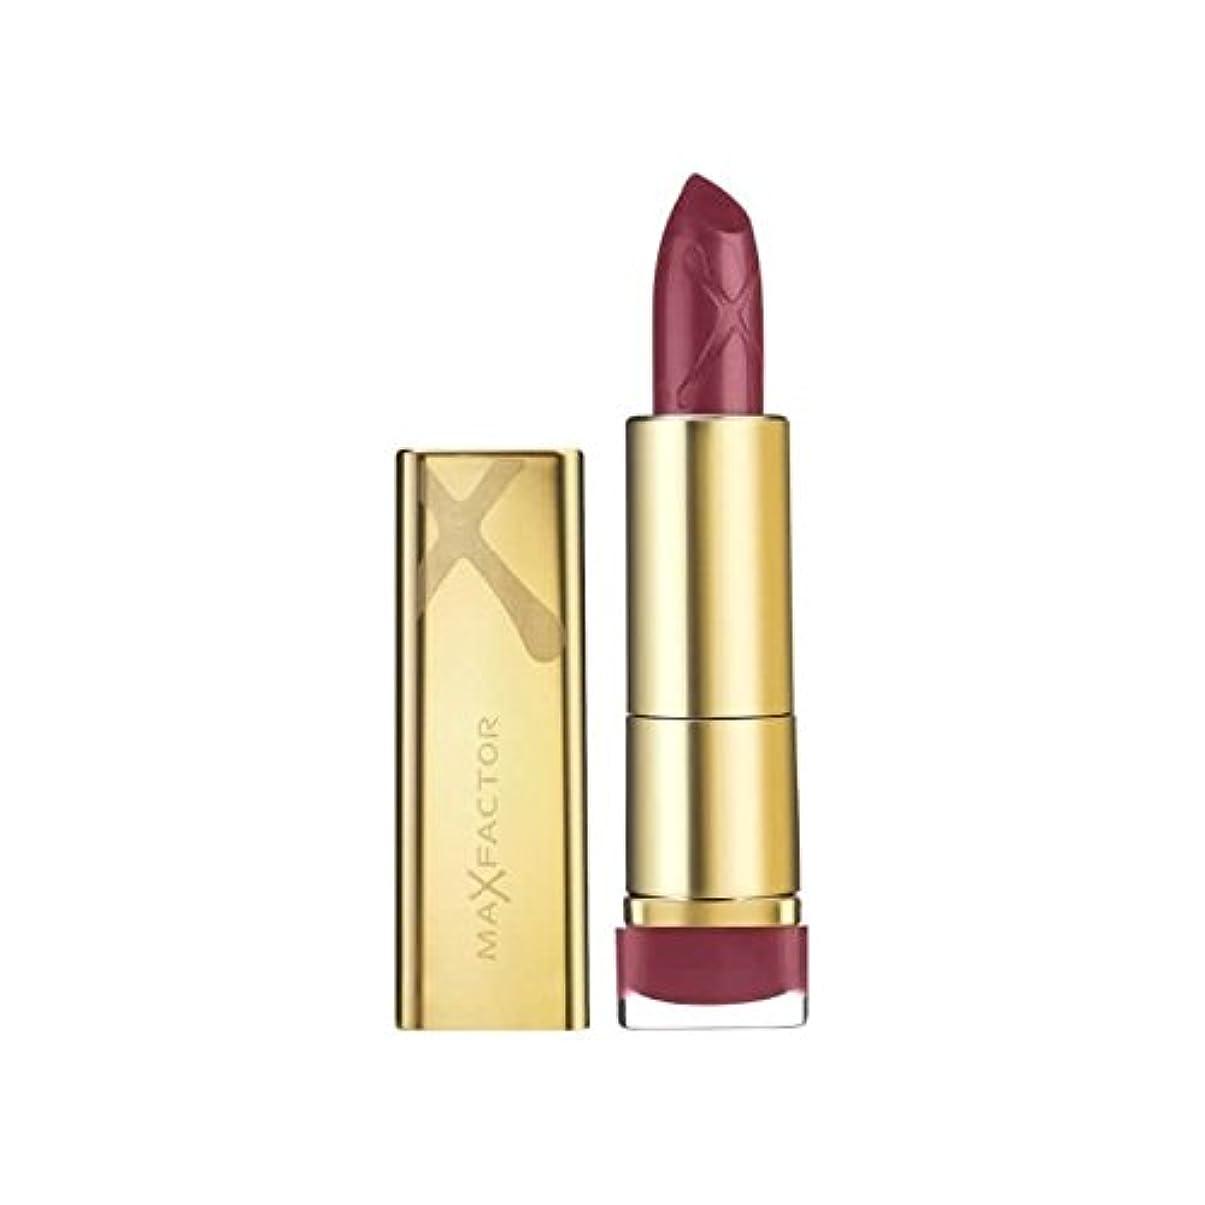 欠陥準備したキャッチMax Factor Colour Elixir Lipstick Raisin 894 - マックスファクターカラーエリクシルの口紅レーズン894 [並行輸入品]